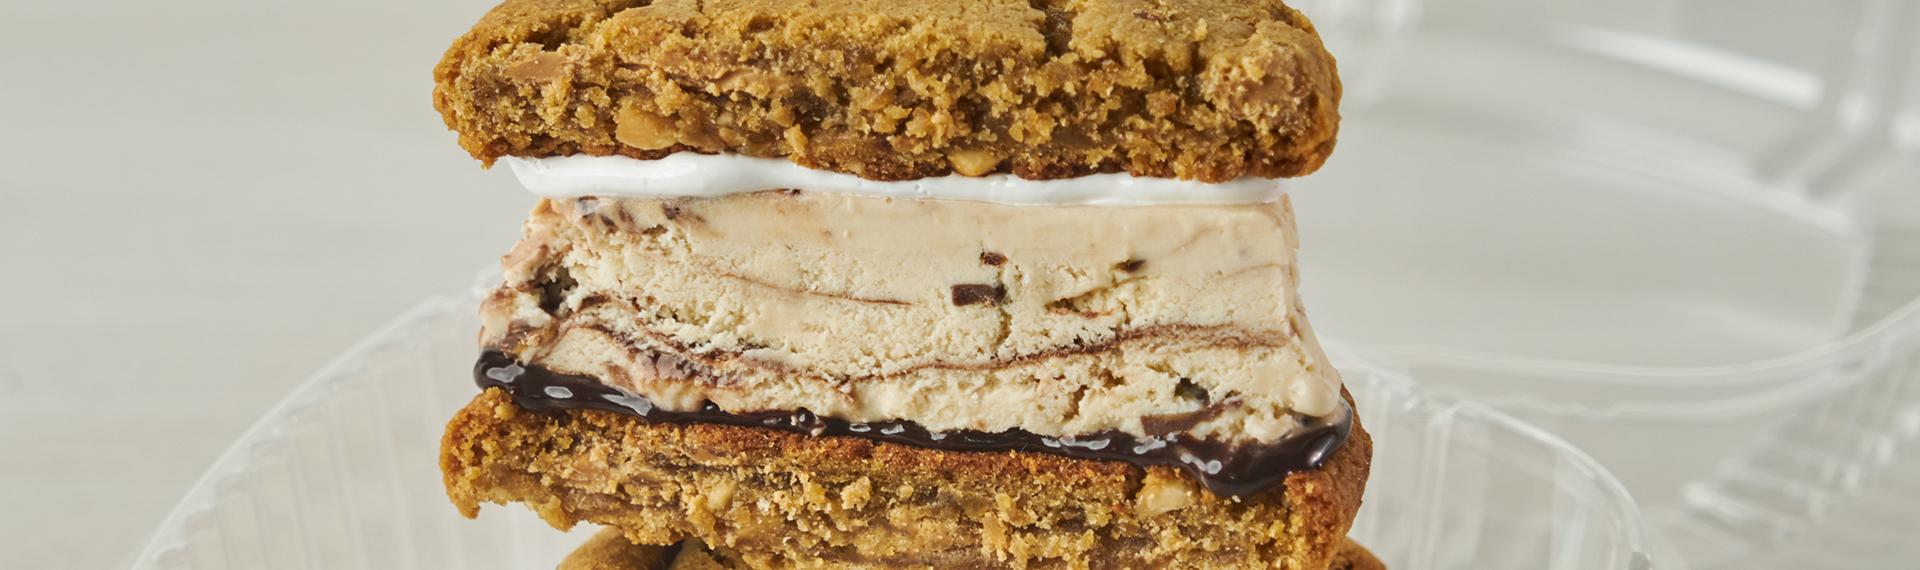 Fudger Fluffer Nutter Sandwich